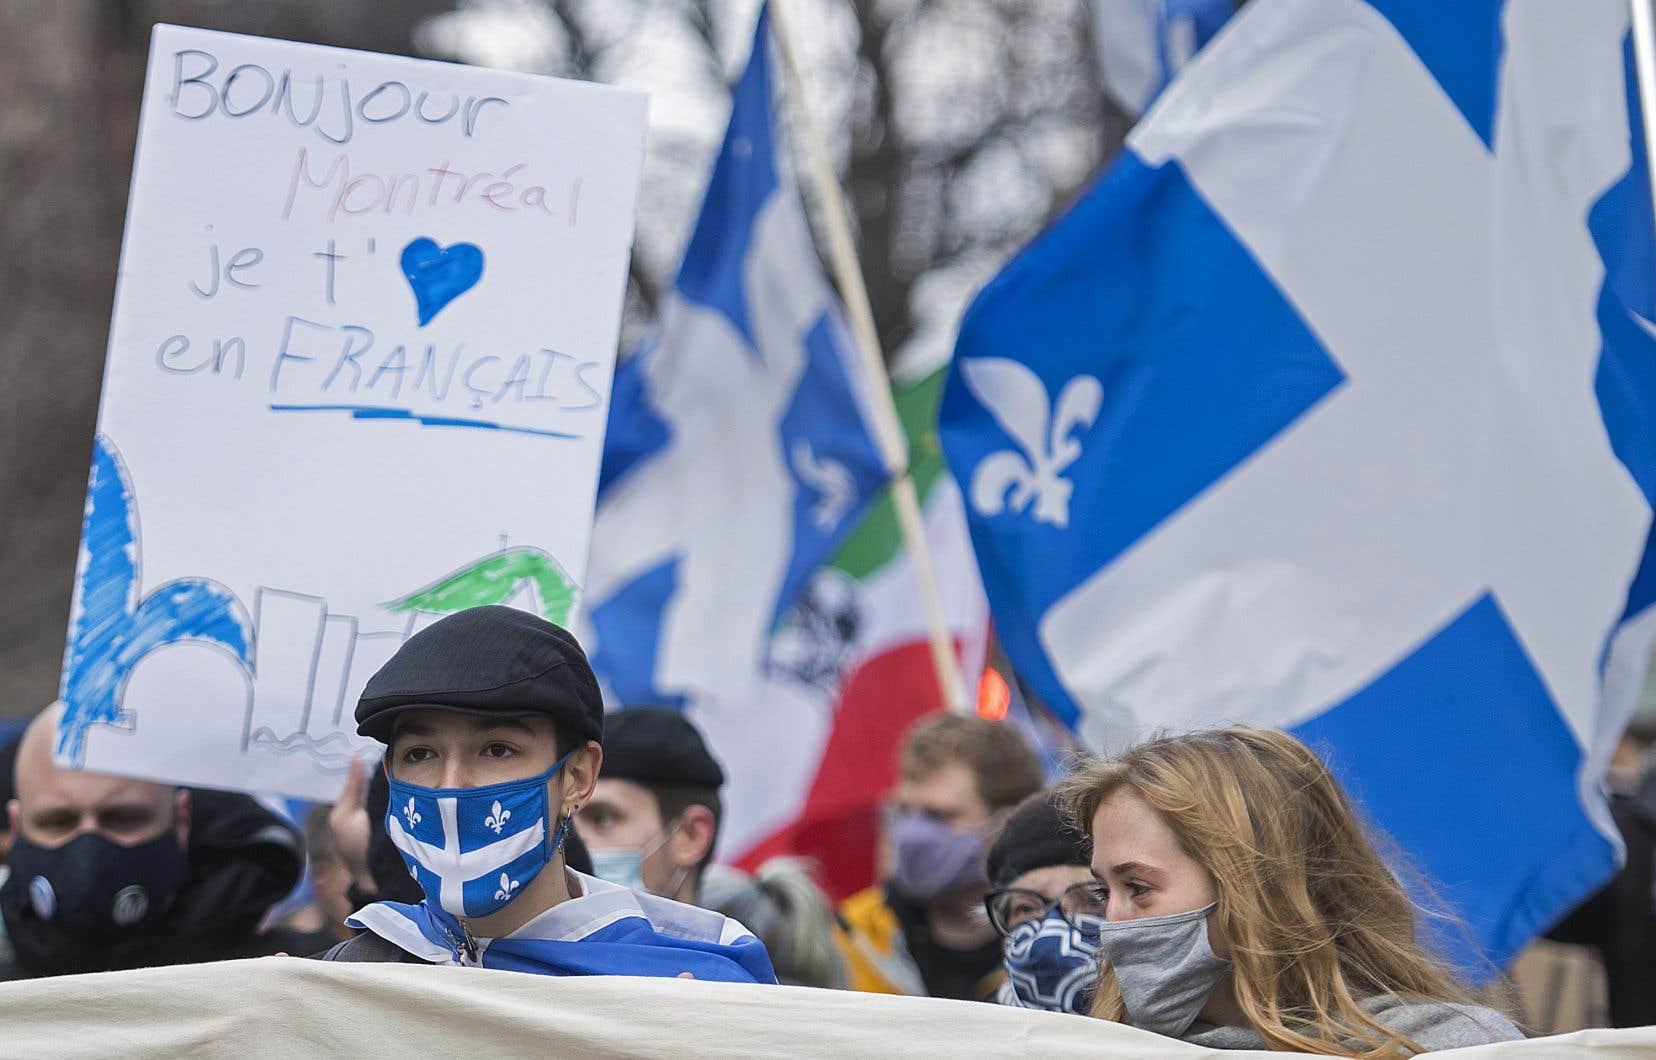 La commission scolaire reprochait notamment au projet de loi de «récrire unilatéralement la constitution pour reconnaître le Québec comme une nation où la seule langue est le français».